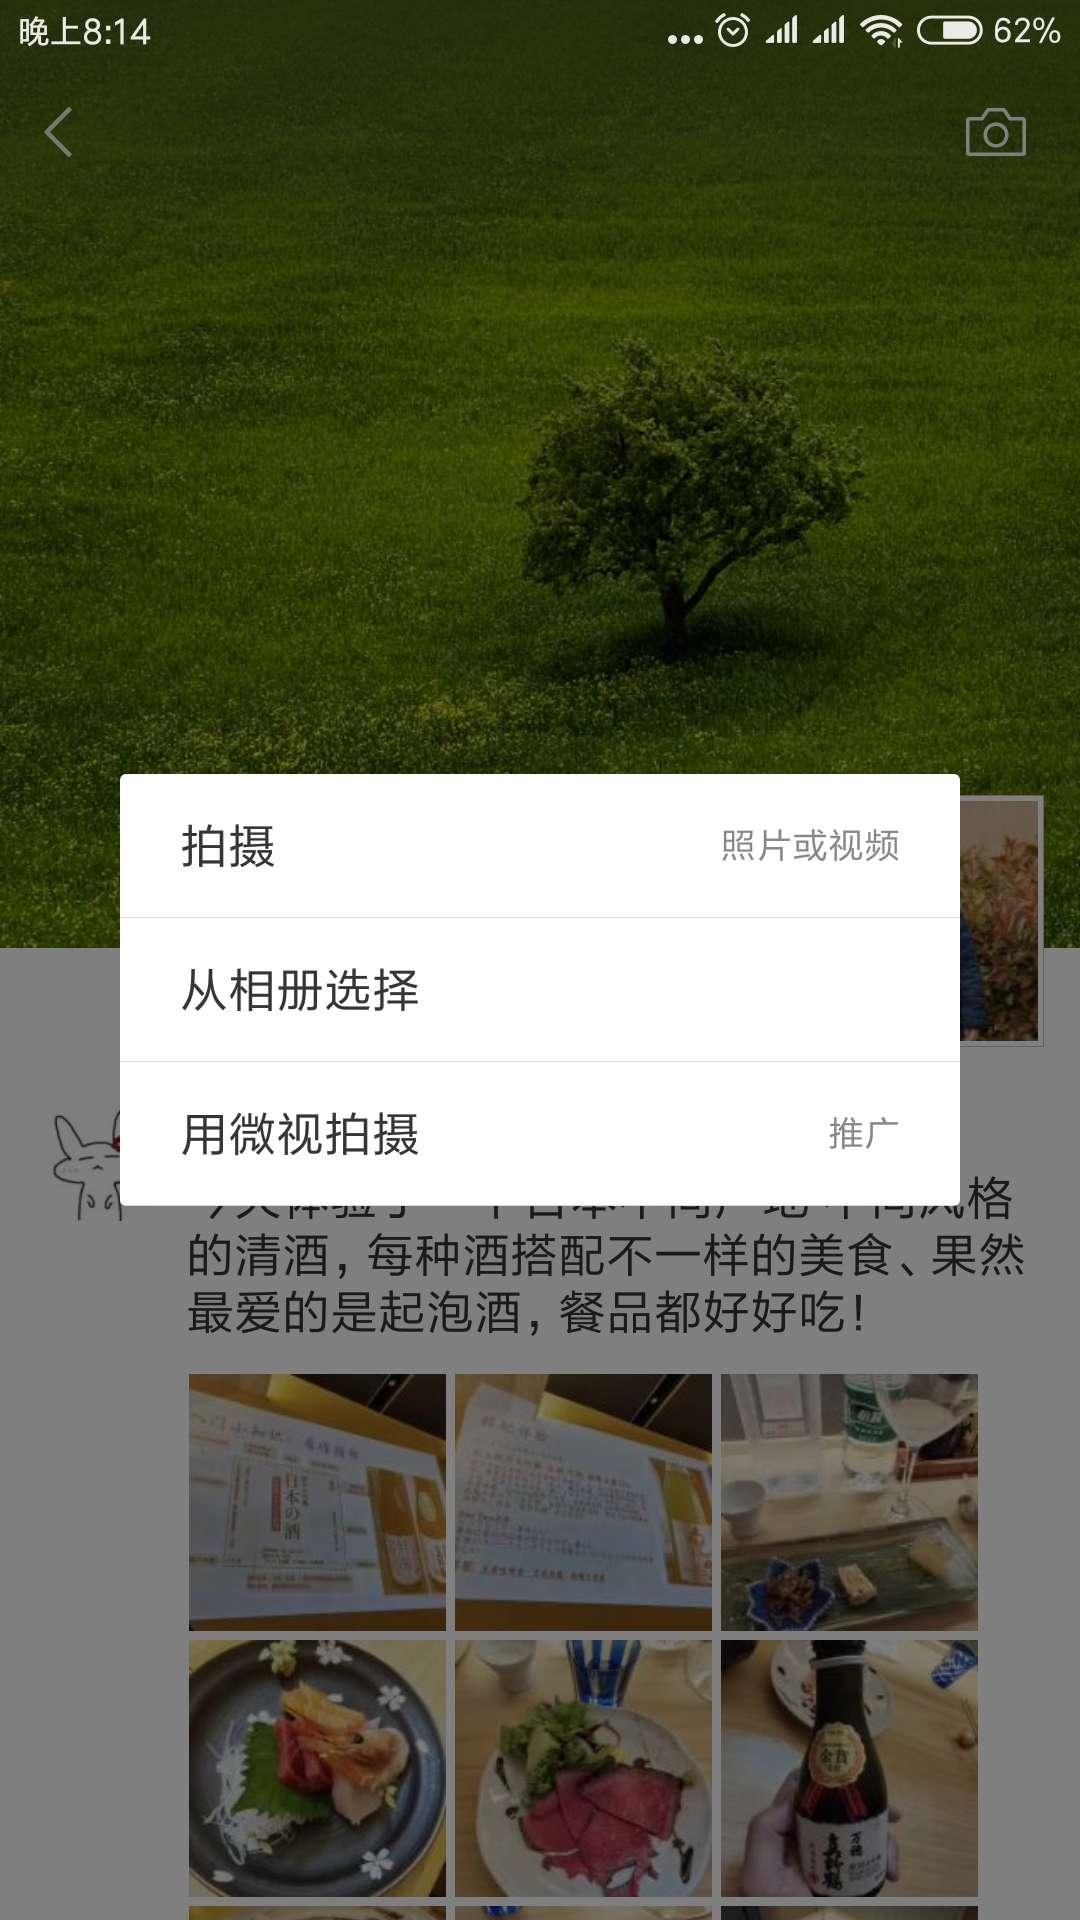 微信新增用微视拍摄功能